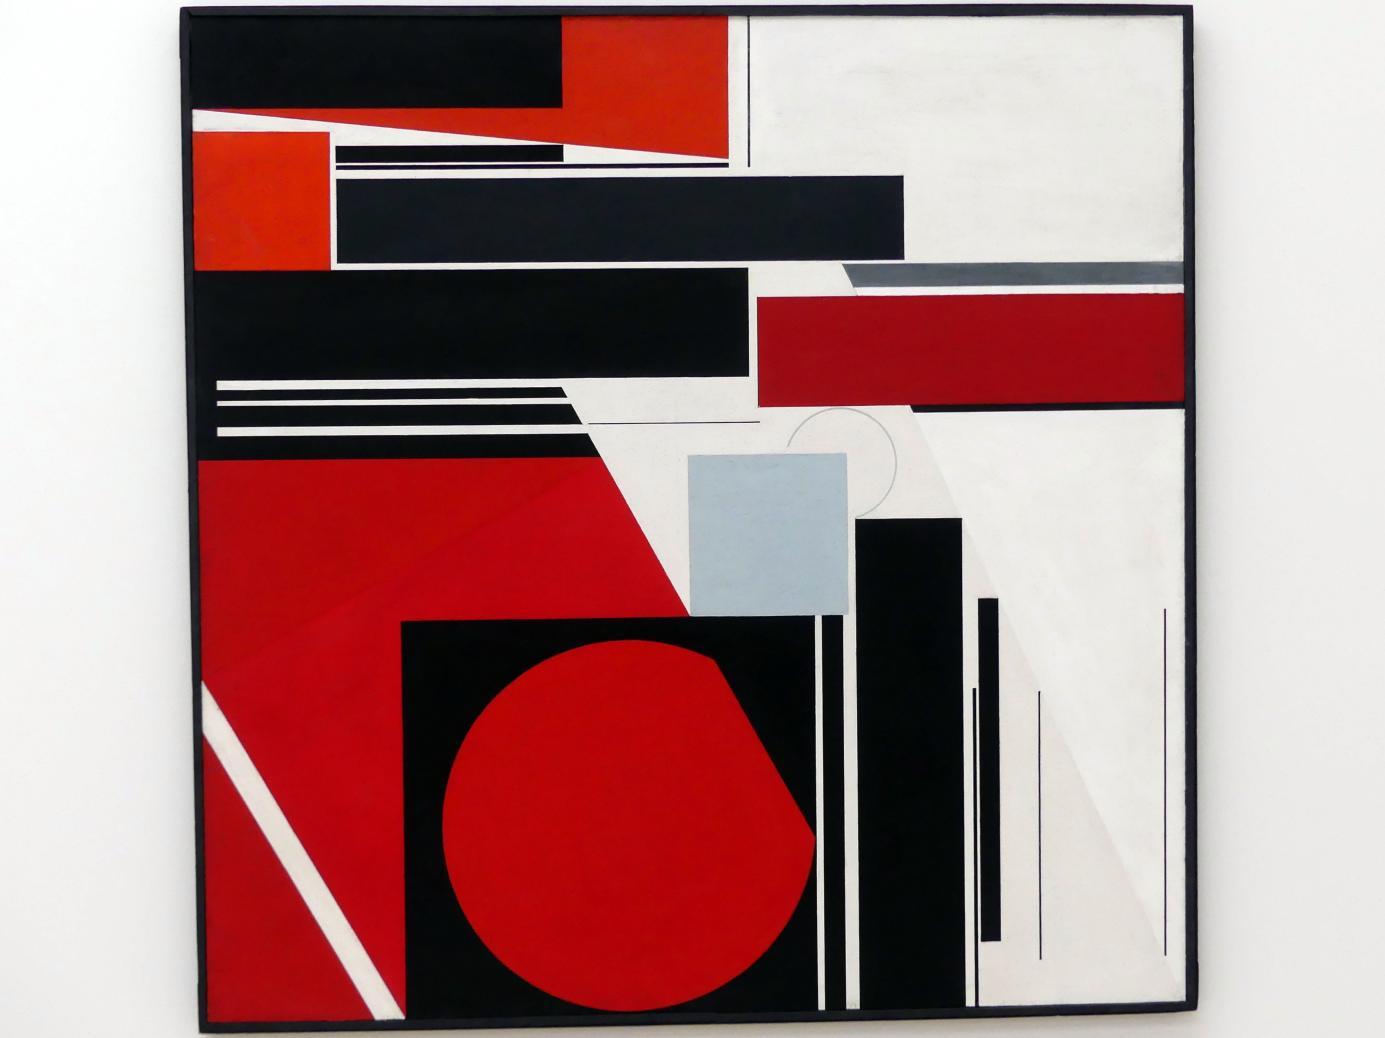 Günter Fruhtrunk: Gestaltung ins Quadrat, 1959